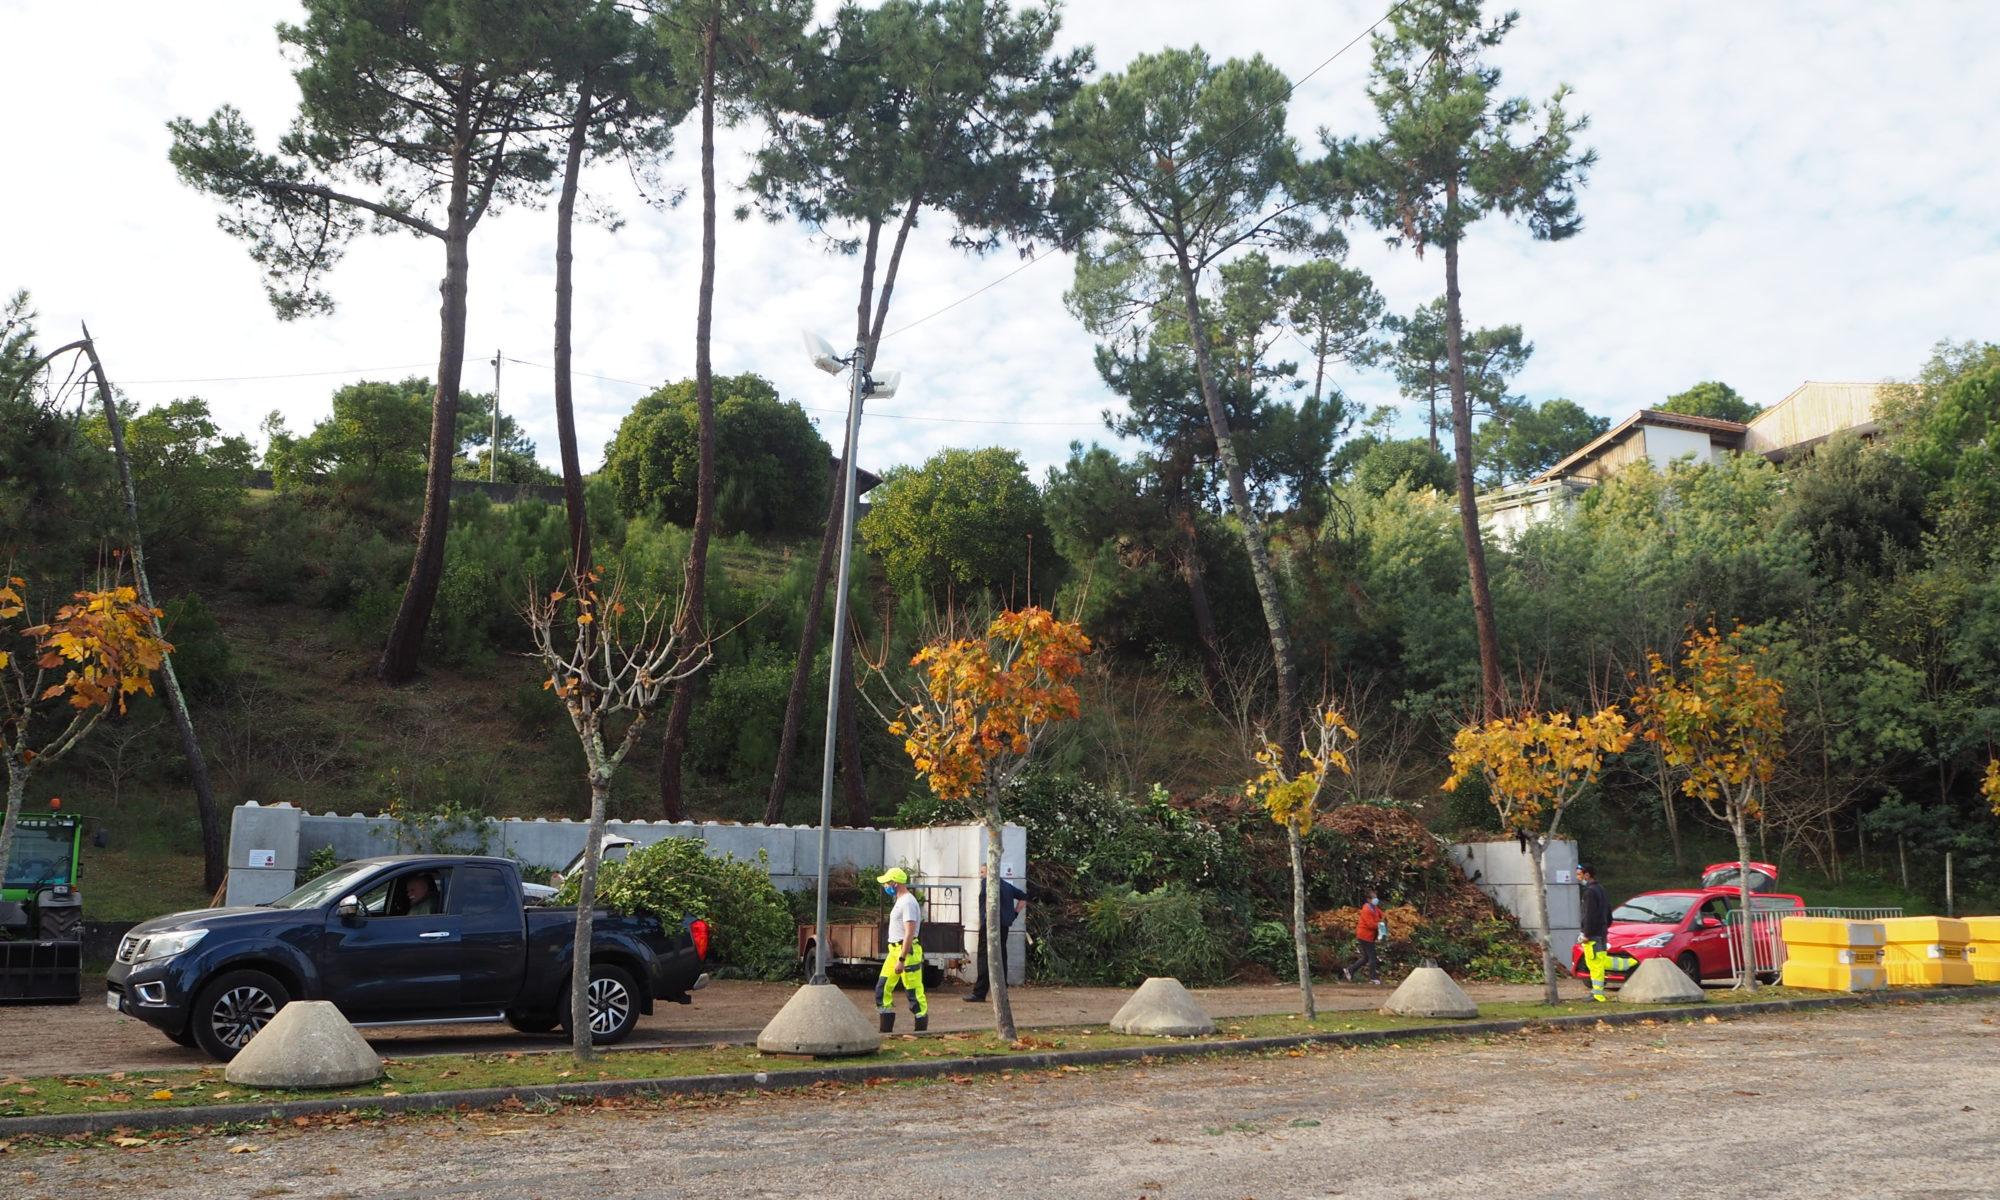 Déchèterie temporaire de déchets verts de La Vigne / Lège-Cap Ferret